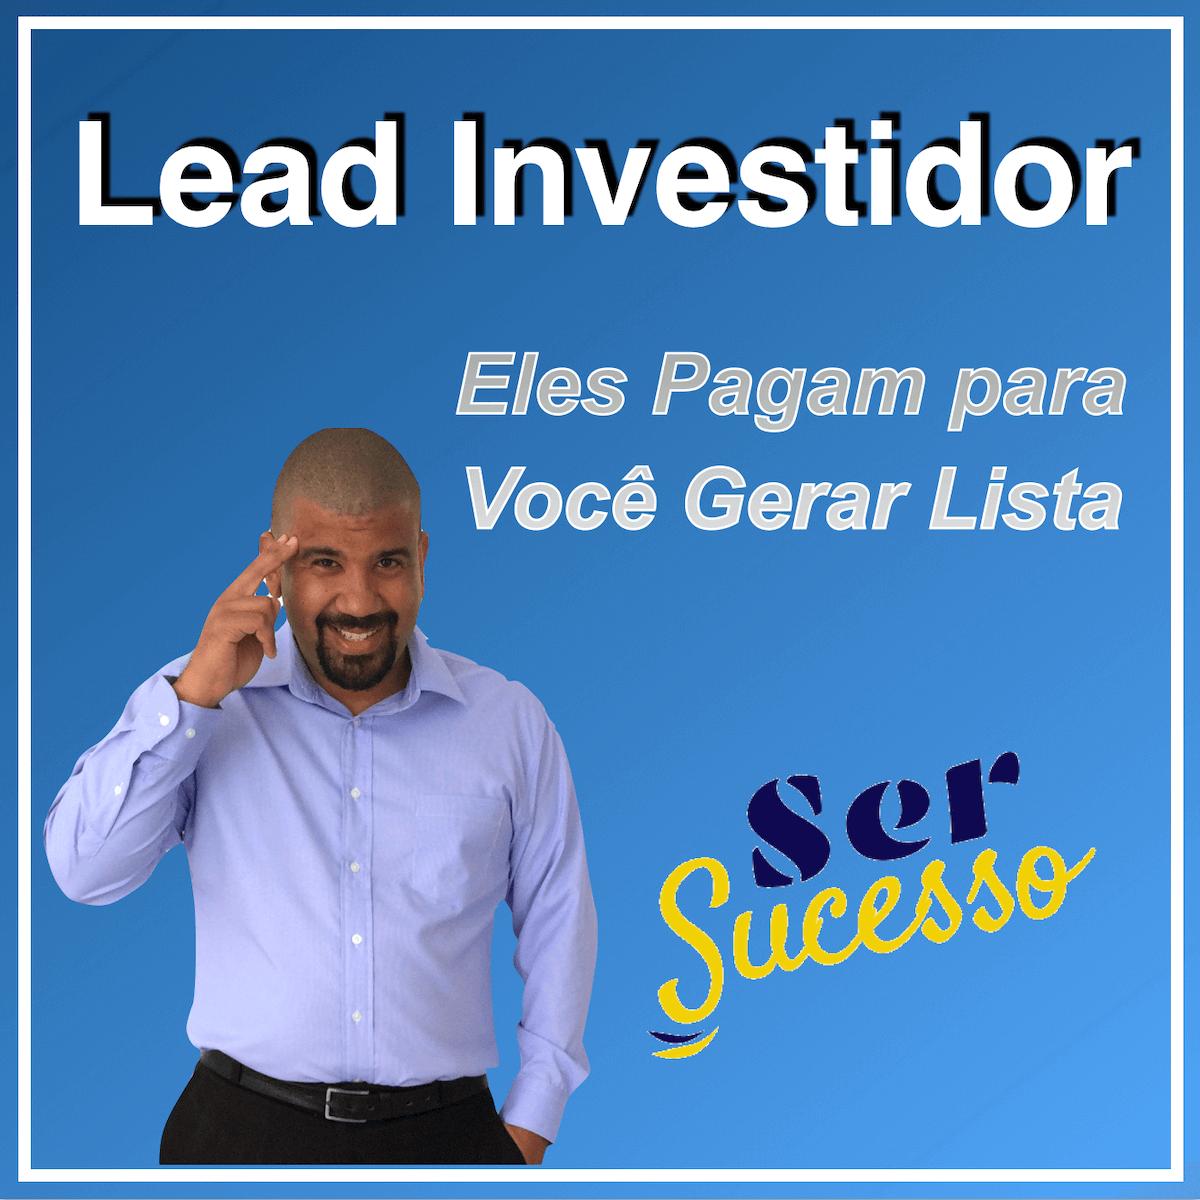 Lead Investidor